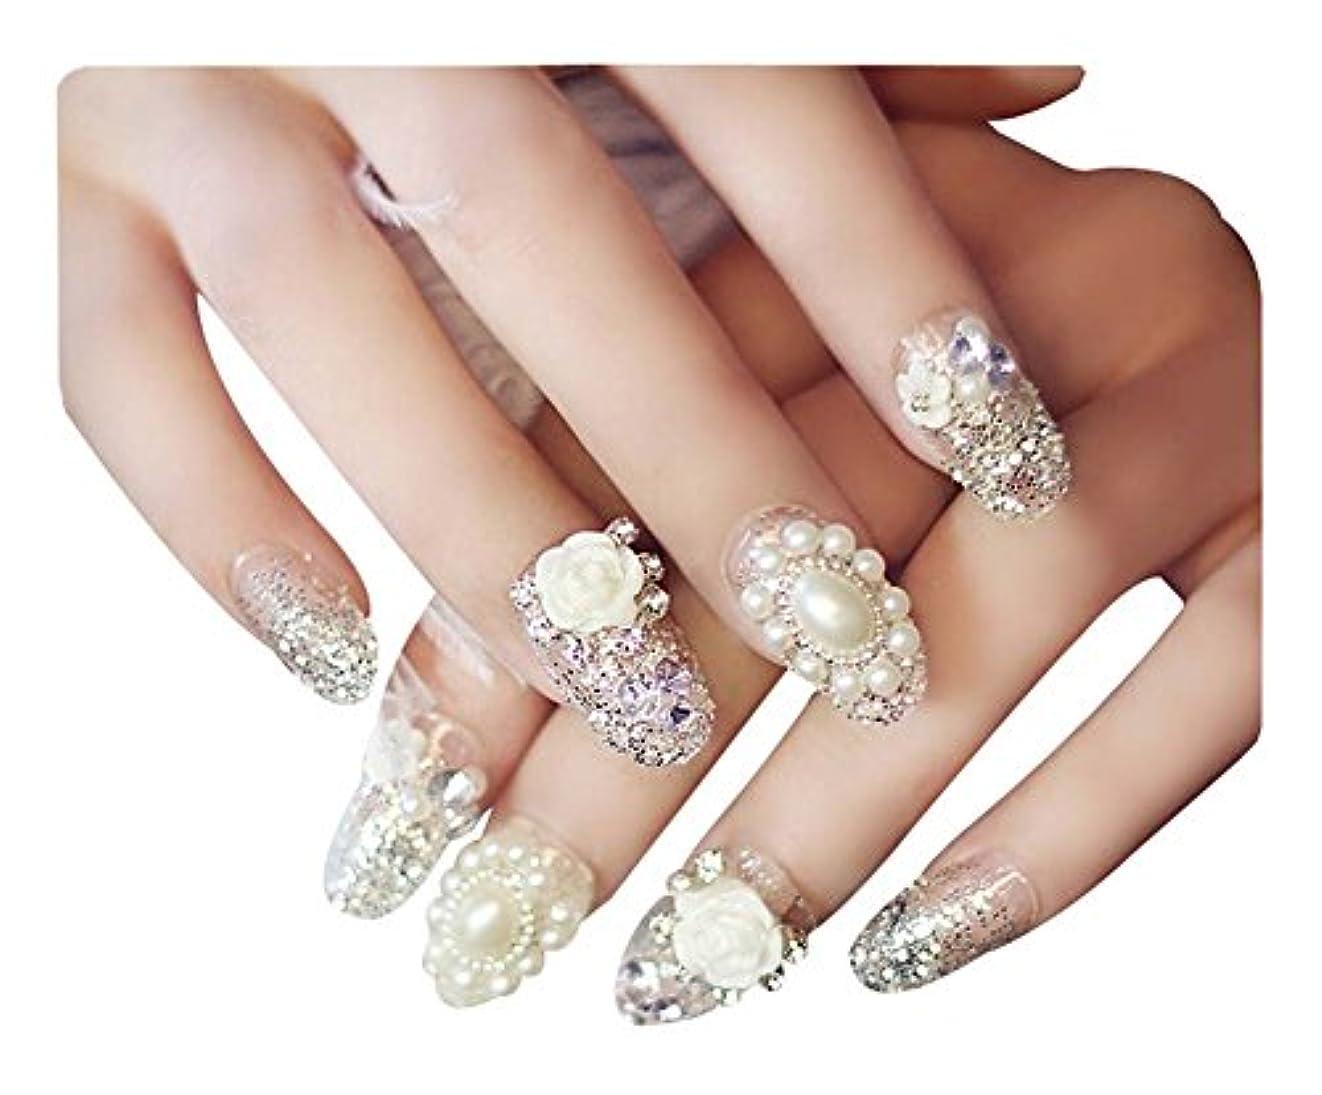 内部ファンお金人工真珠のラインストーンの偽の釘の結婚式の構造のネイルアート、ピンク、2パック - 48枚